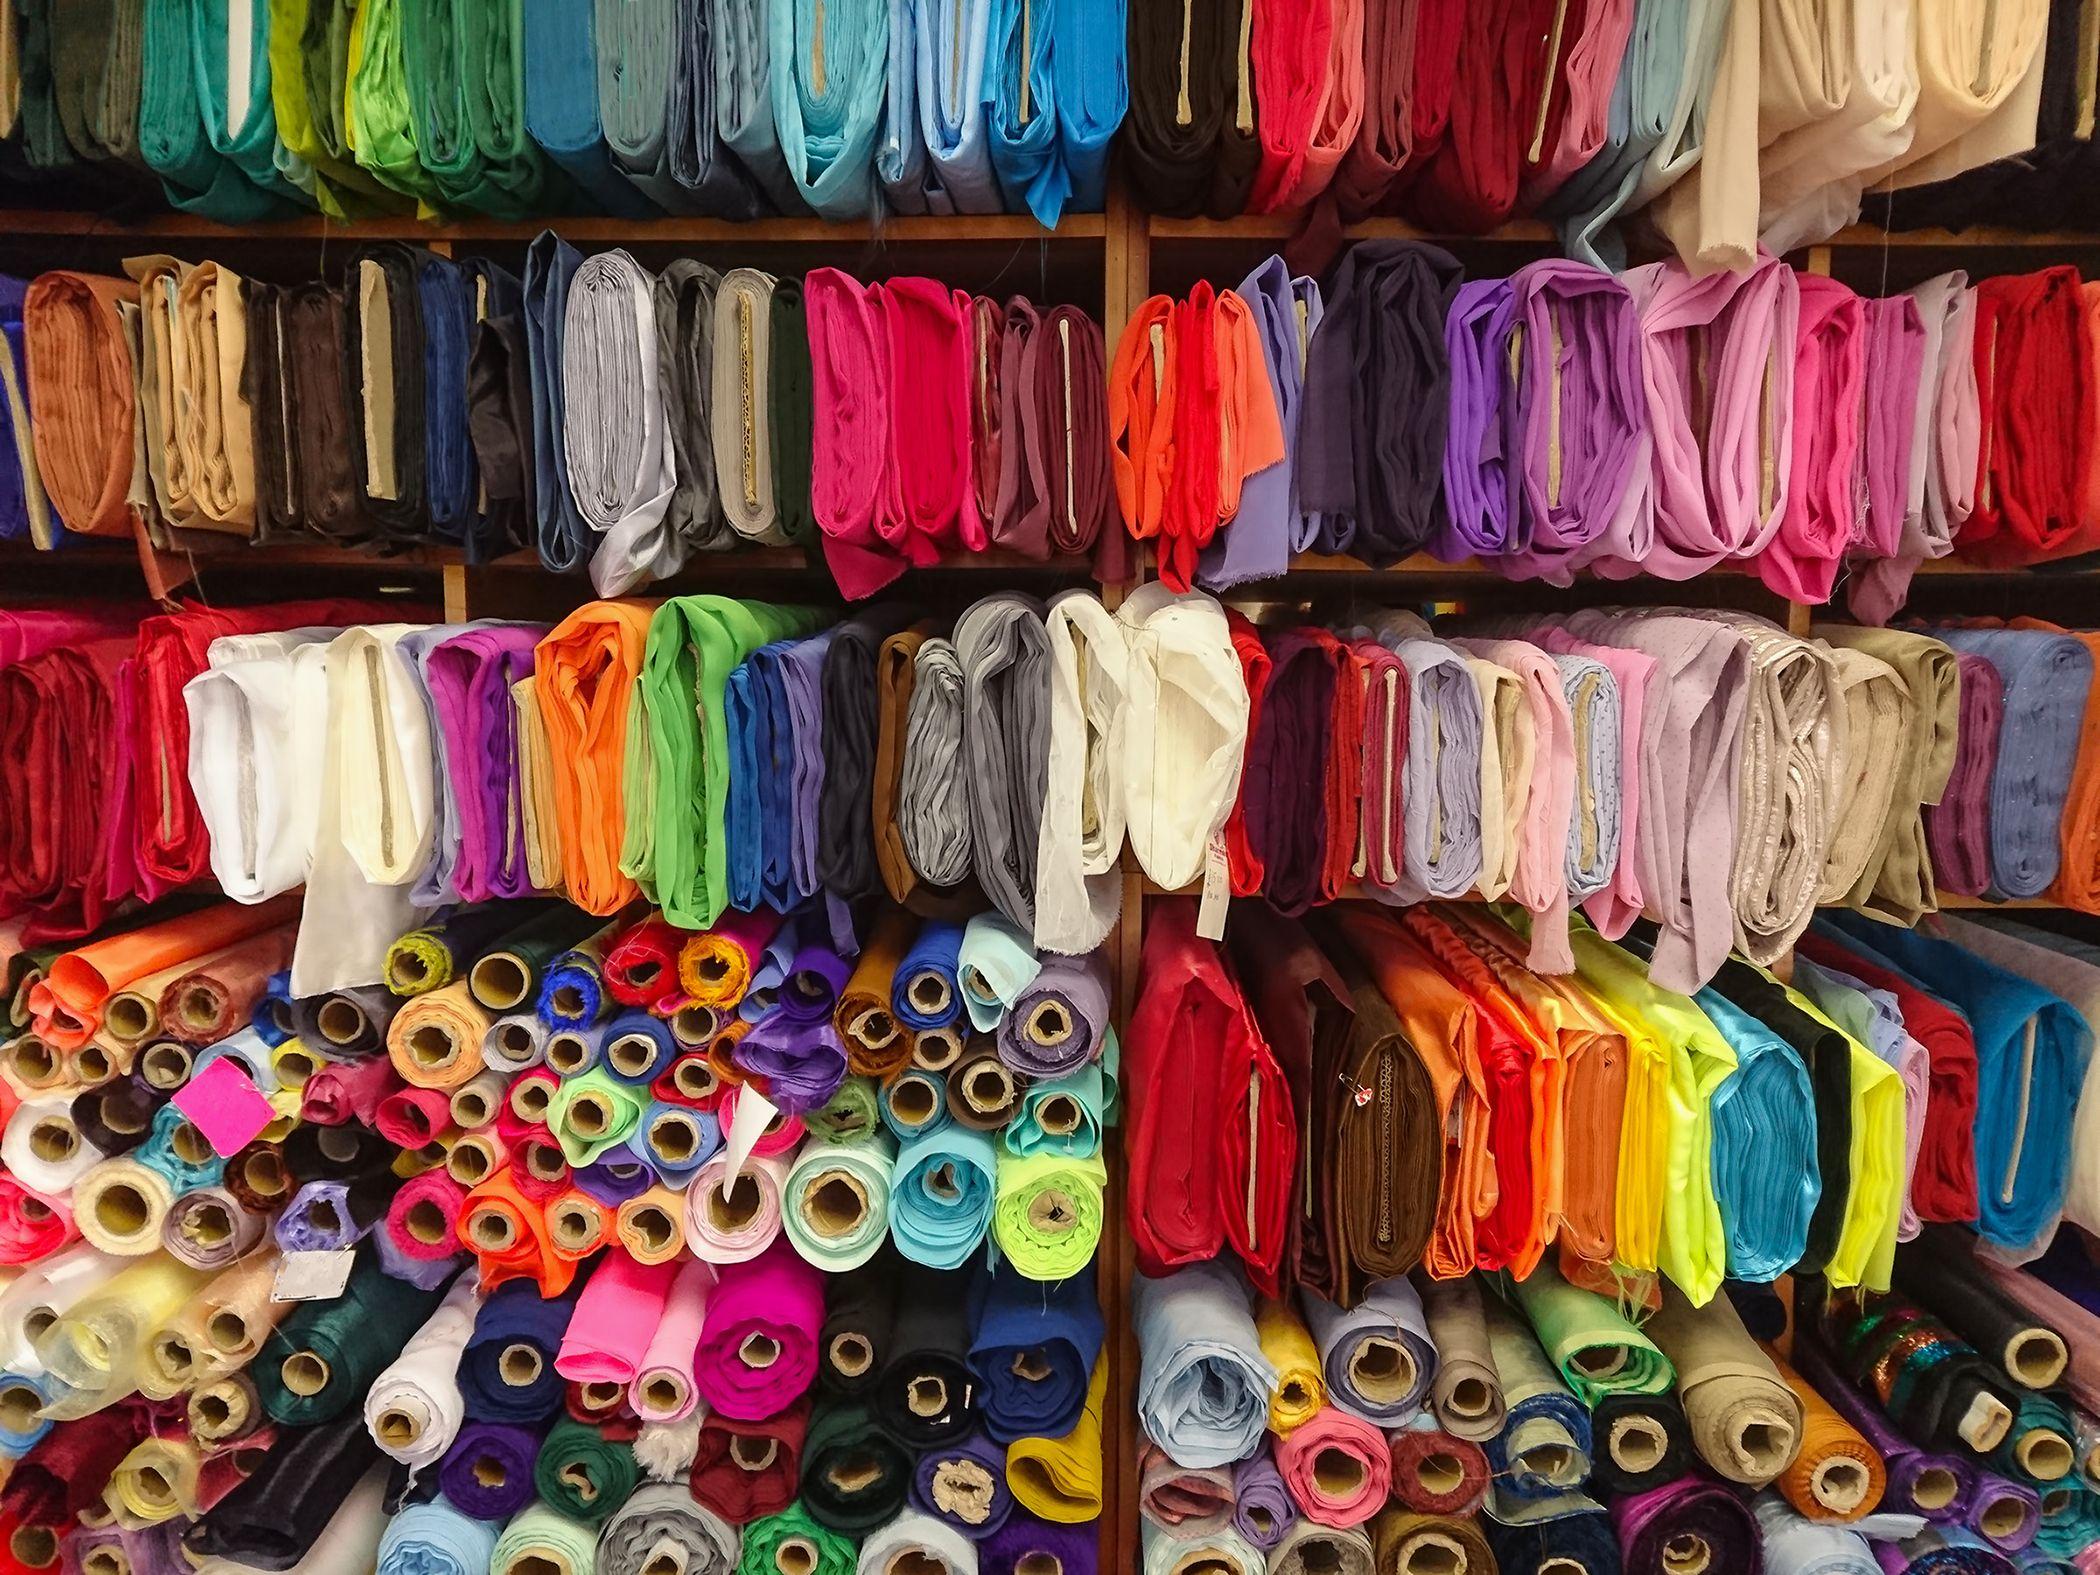 Distribuidor de textiles centro Barcelona